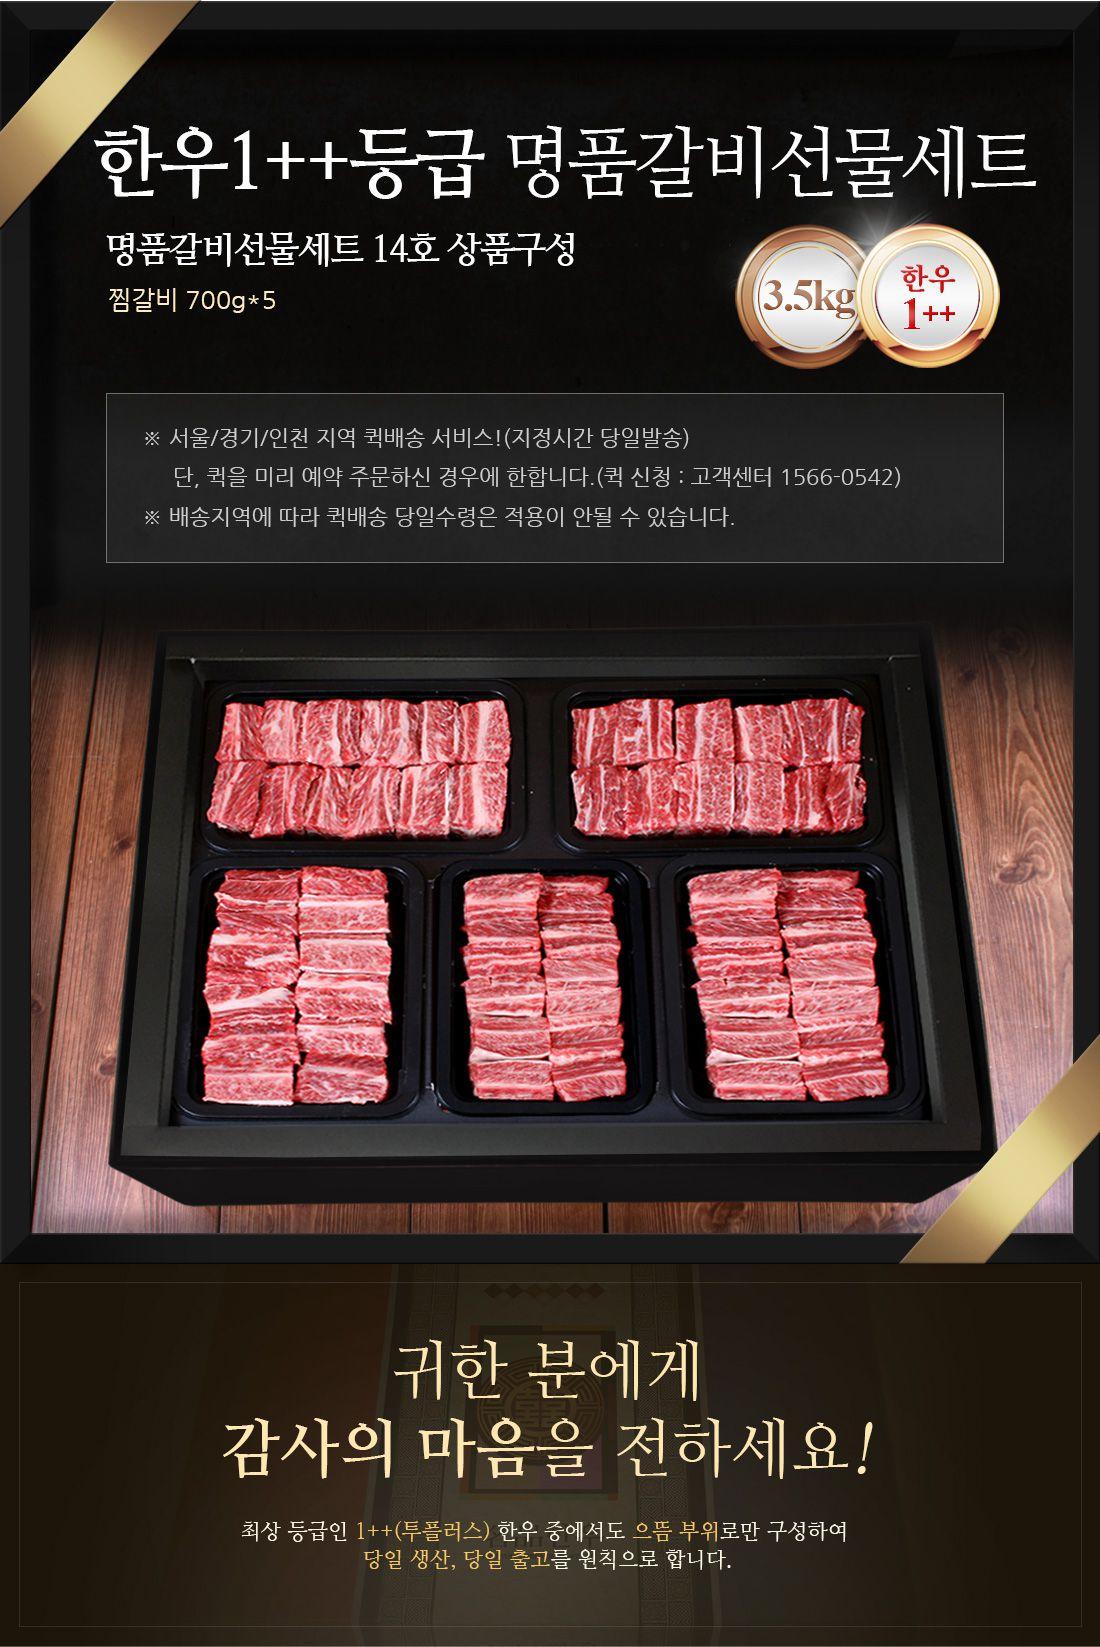 1++등급 명품한우갈비선물세트14호